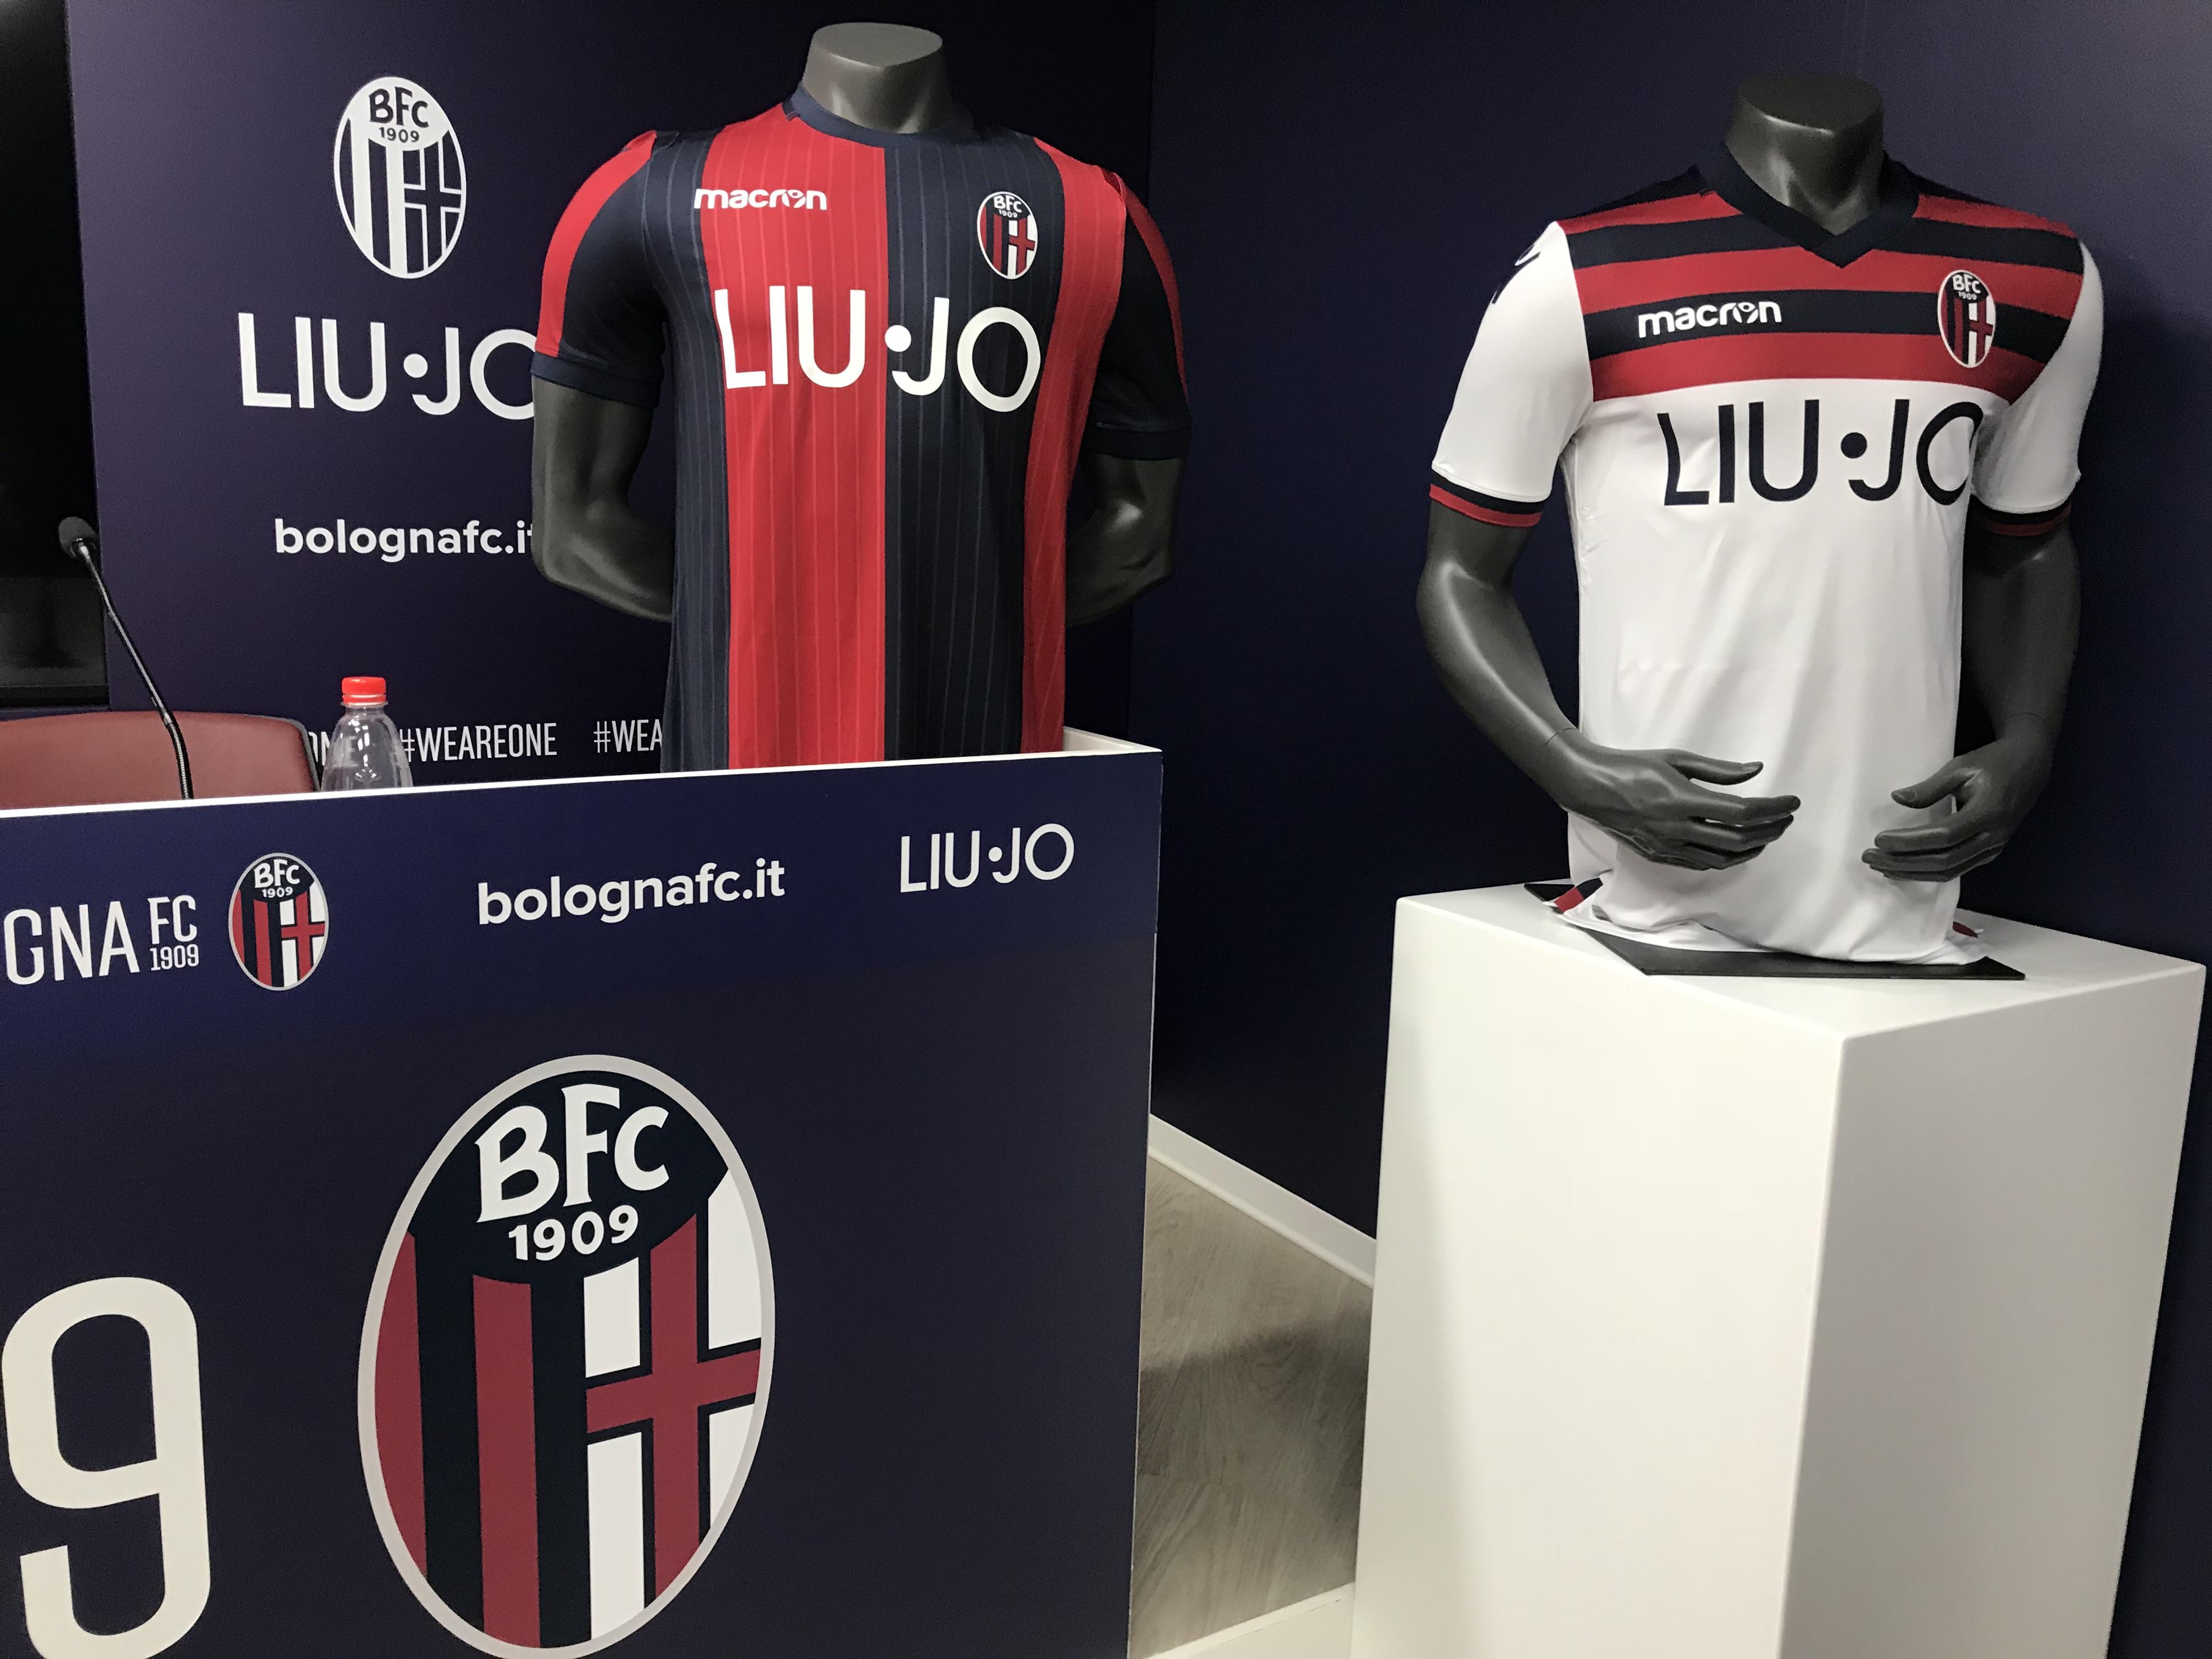 Bologna calcio, ecco le nuove maglie per la Serie A 2018